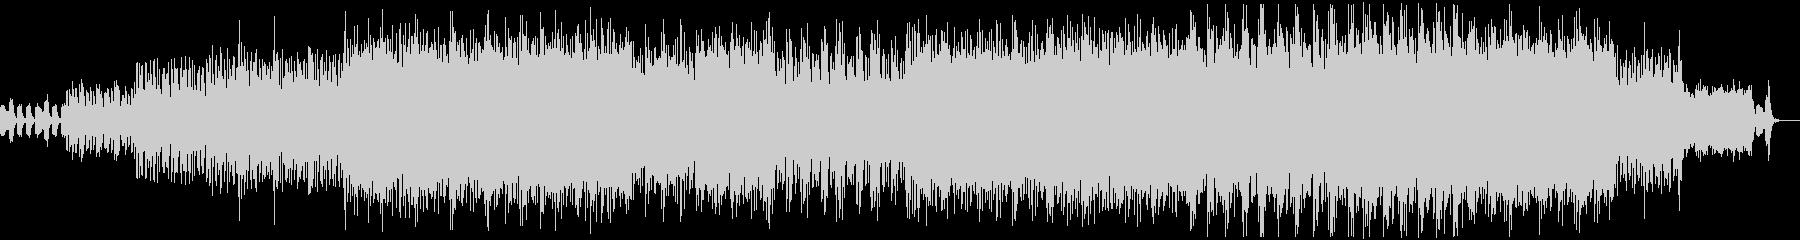 音の迷路への入り口、混沌への序曲の未再生の波形